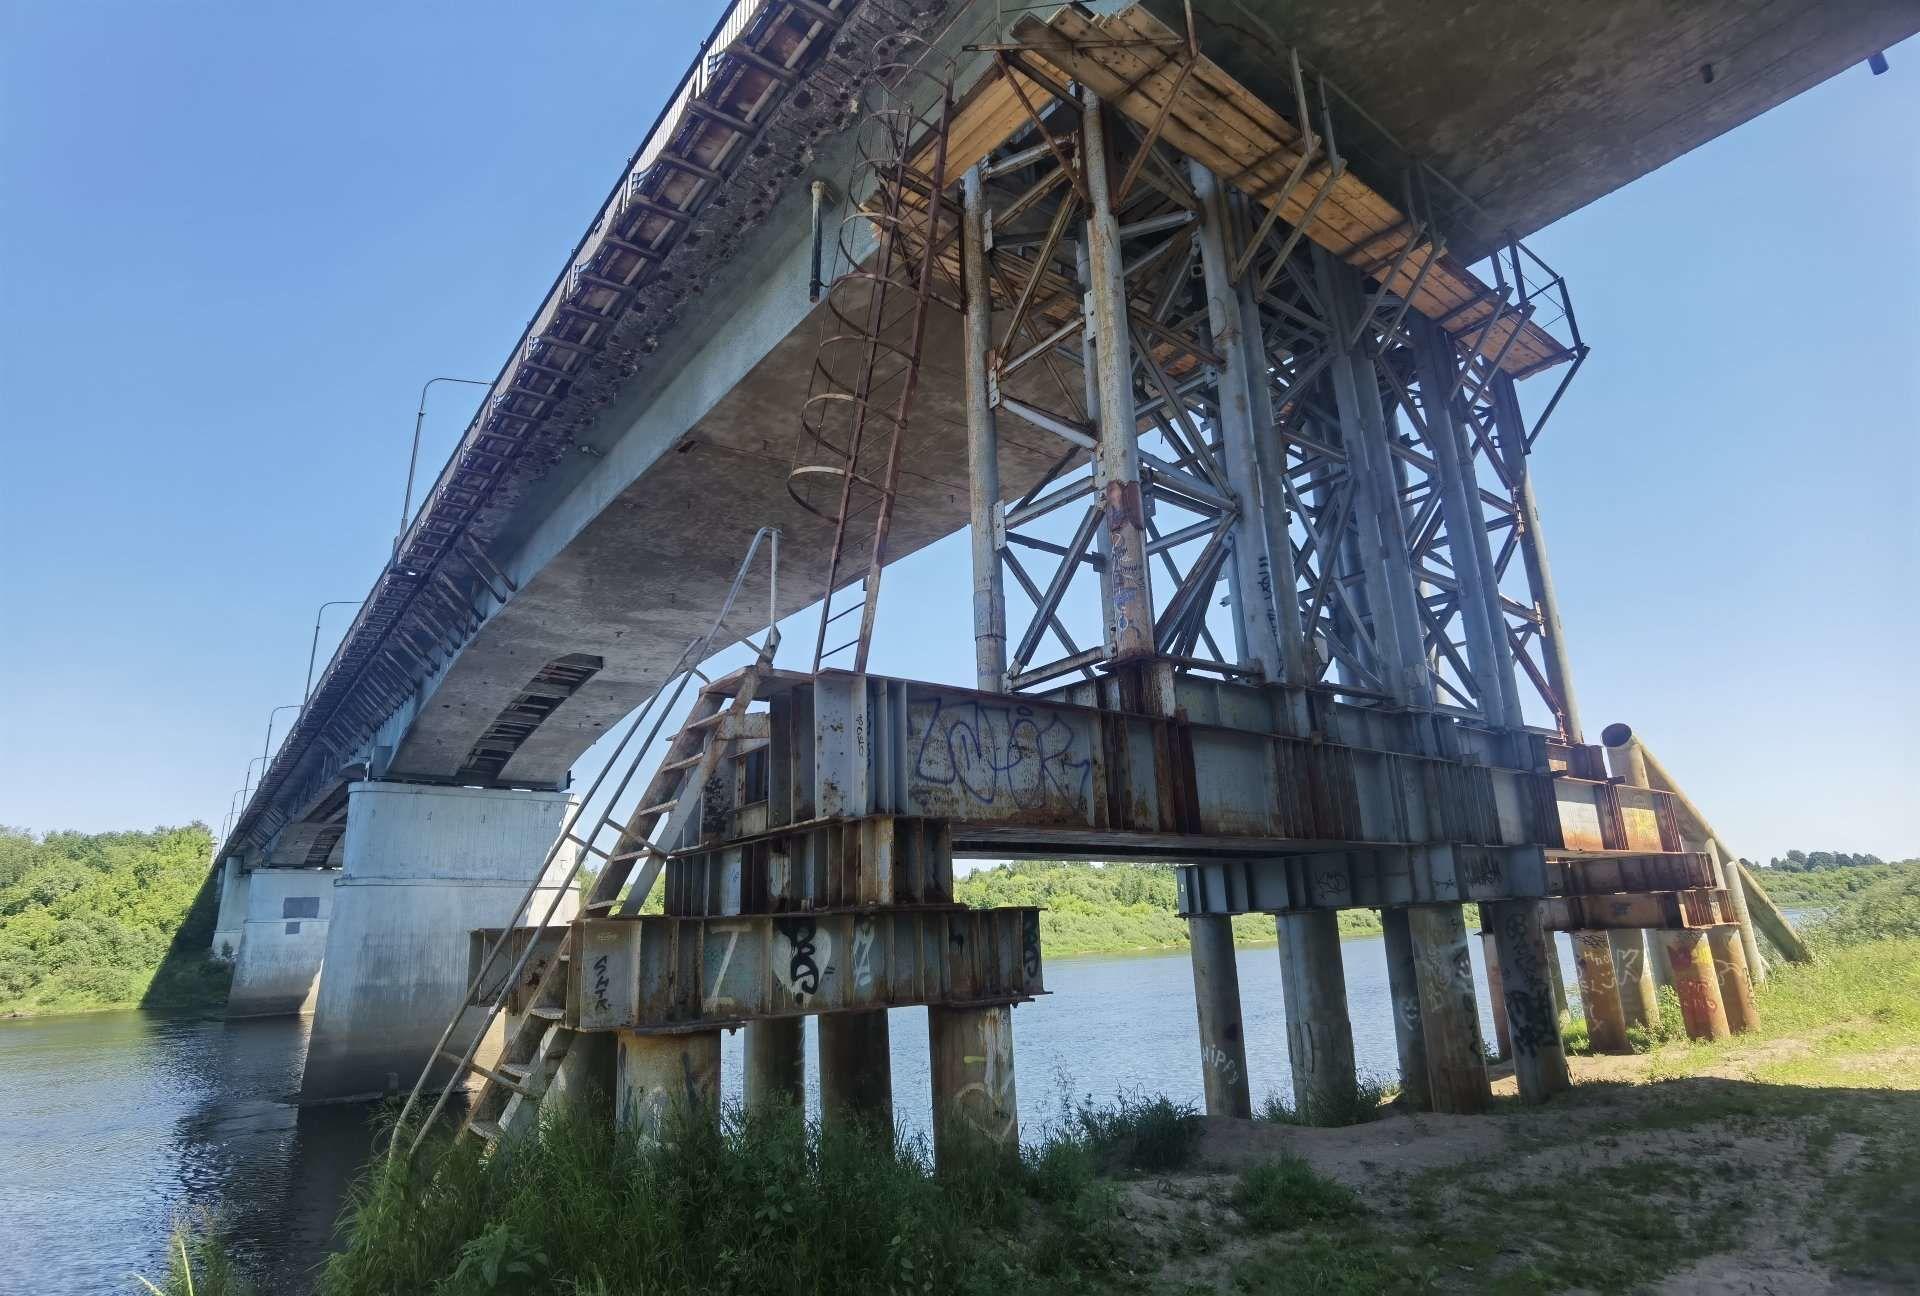 Опора была установлена под мостом в 2018 году  - Sputnik Беларусь, 1920, 29.06.2021